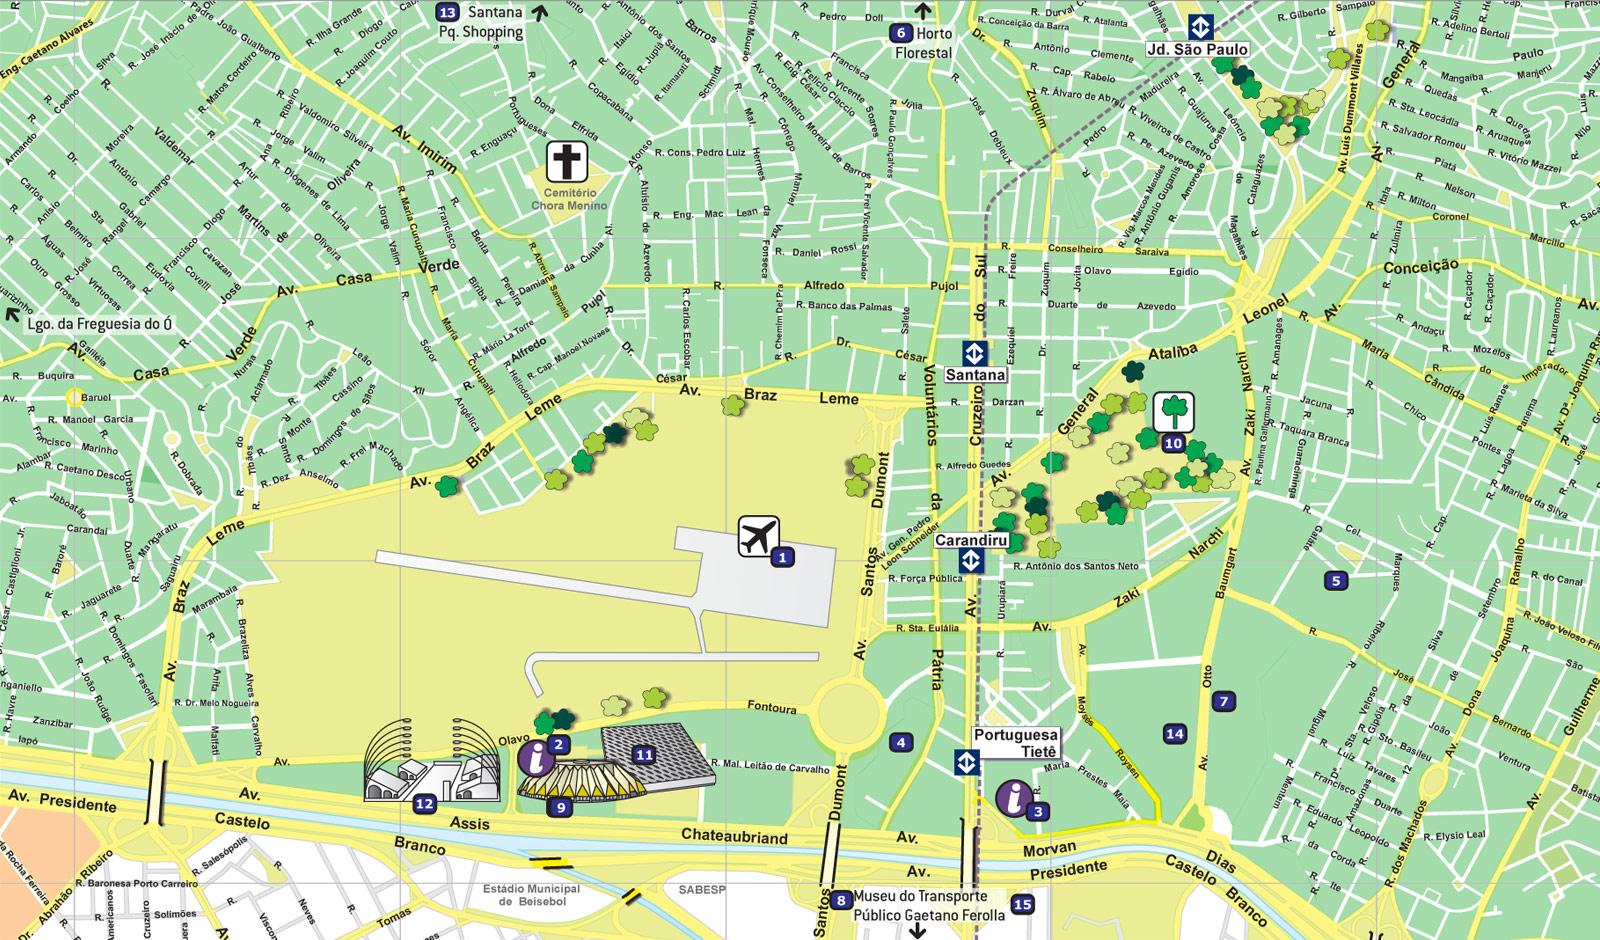 Artesanato Nordeste Brasileiro ~ Mapas de S u00e3o Paulo SP MapasBlog